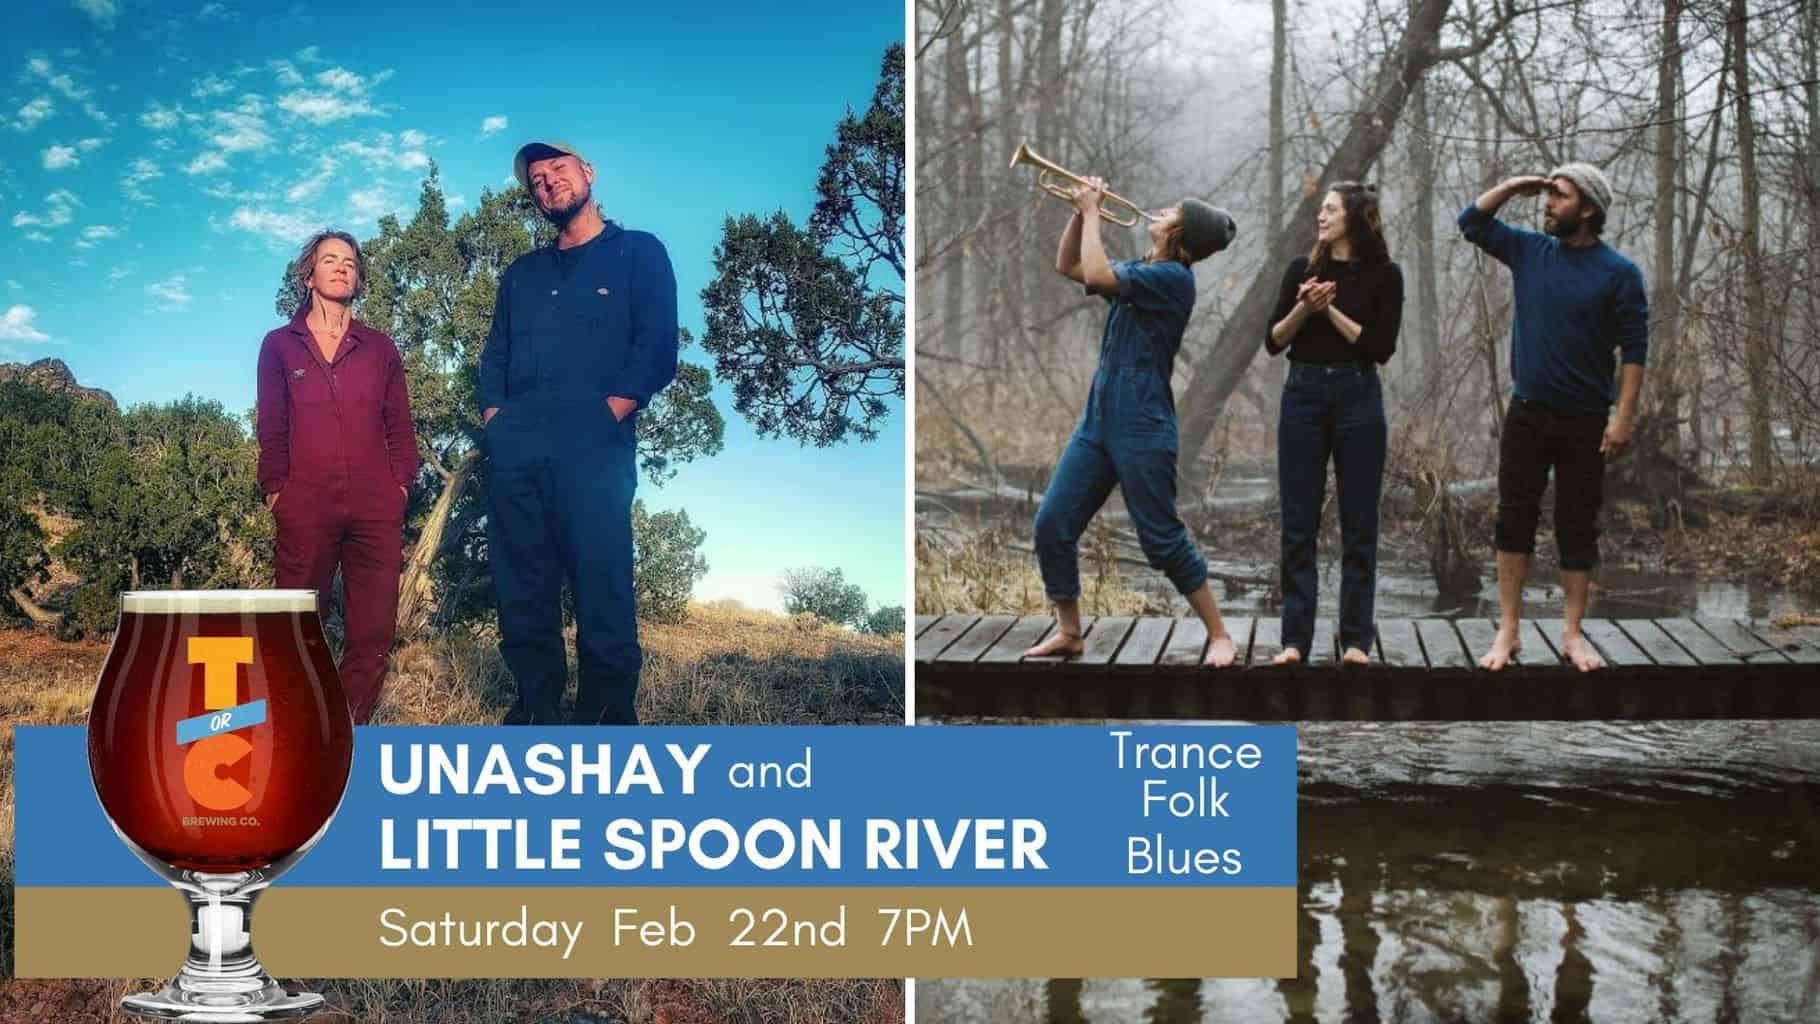 Unashay & Little Spoon River